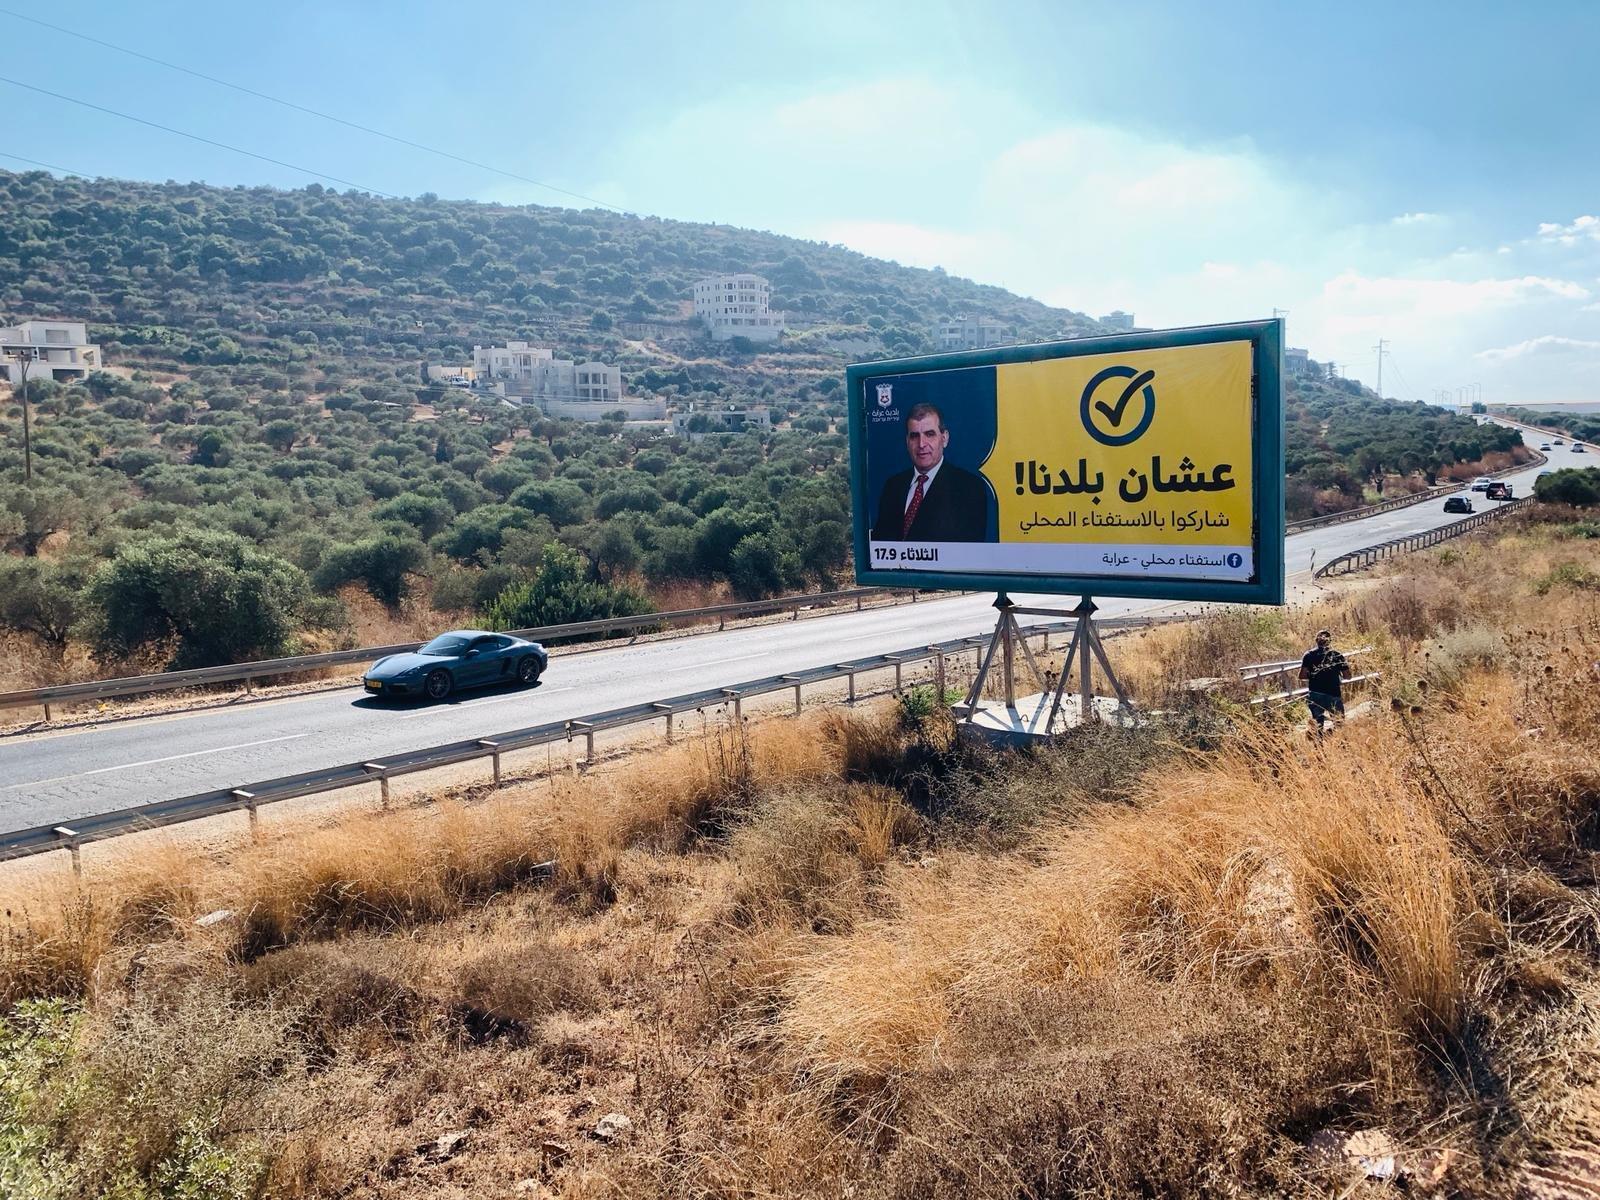 اهل البلد يؤثرون: استفتاءات محلية بالبلدات العربية في يوم الانتخابات